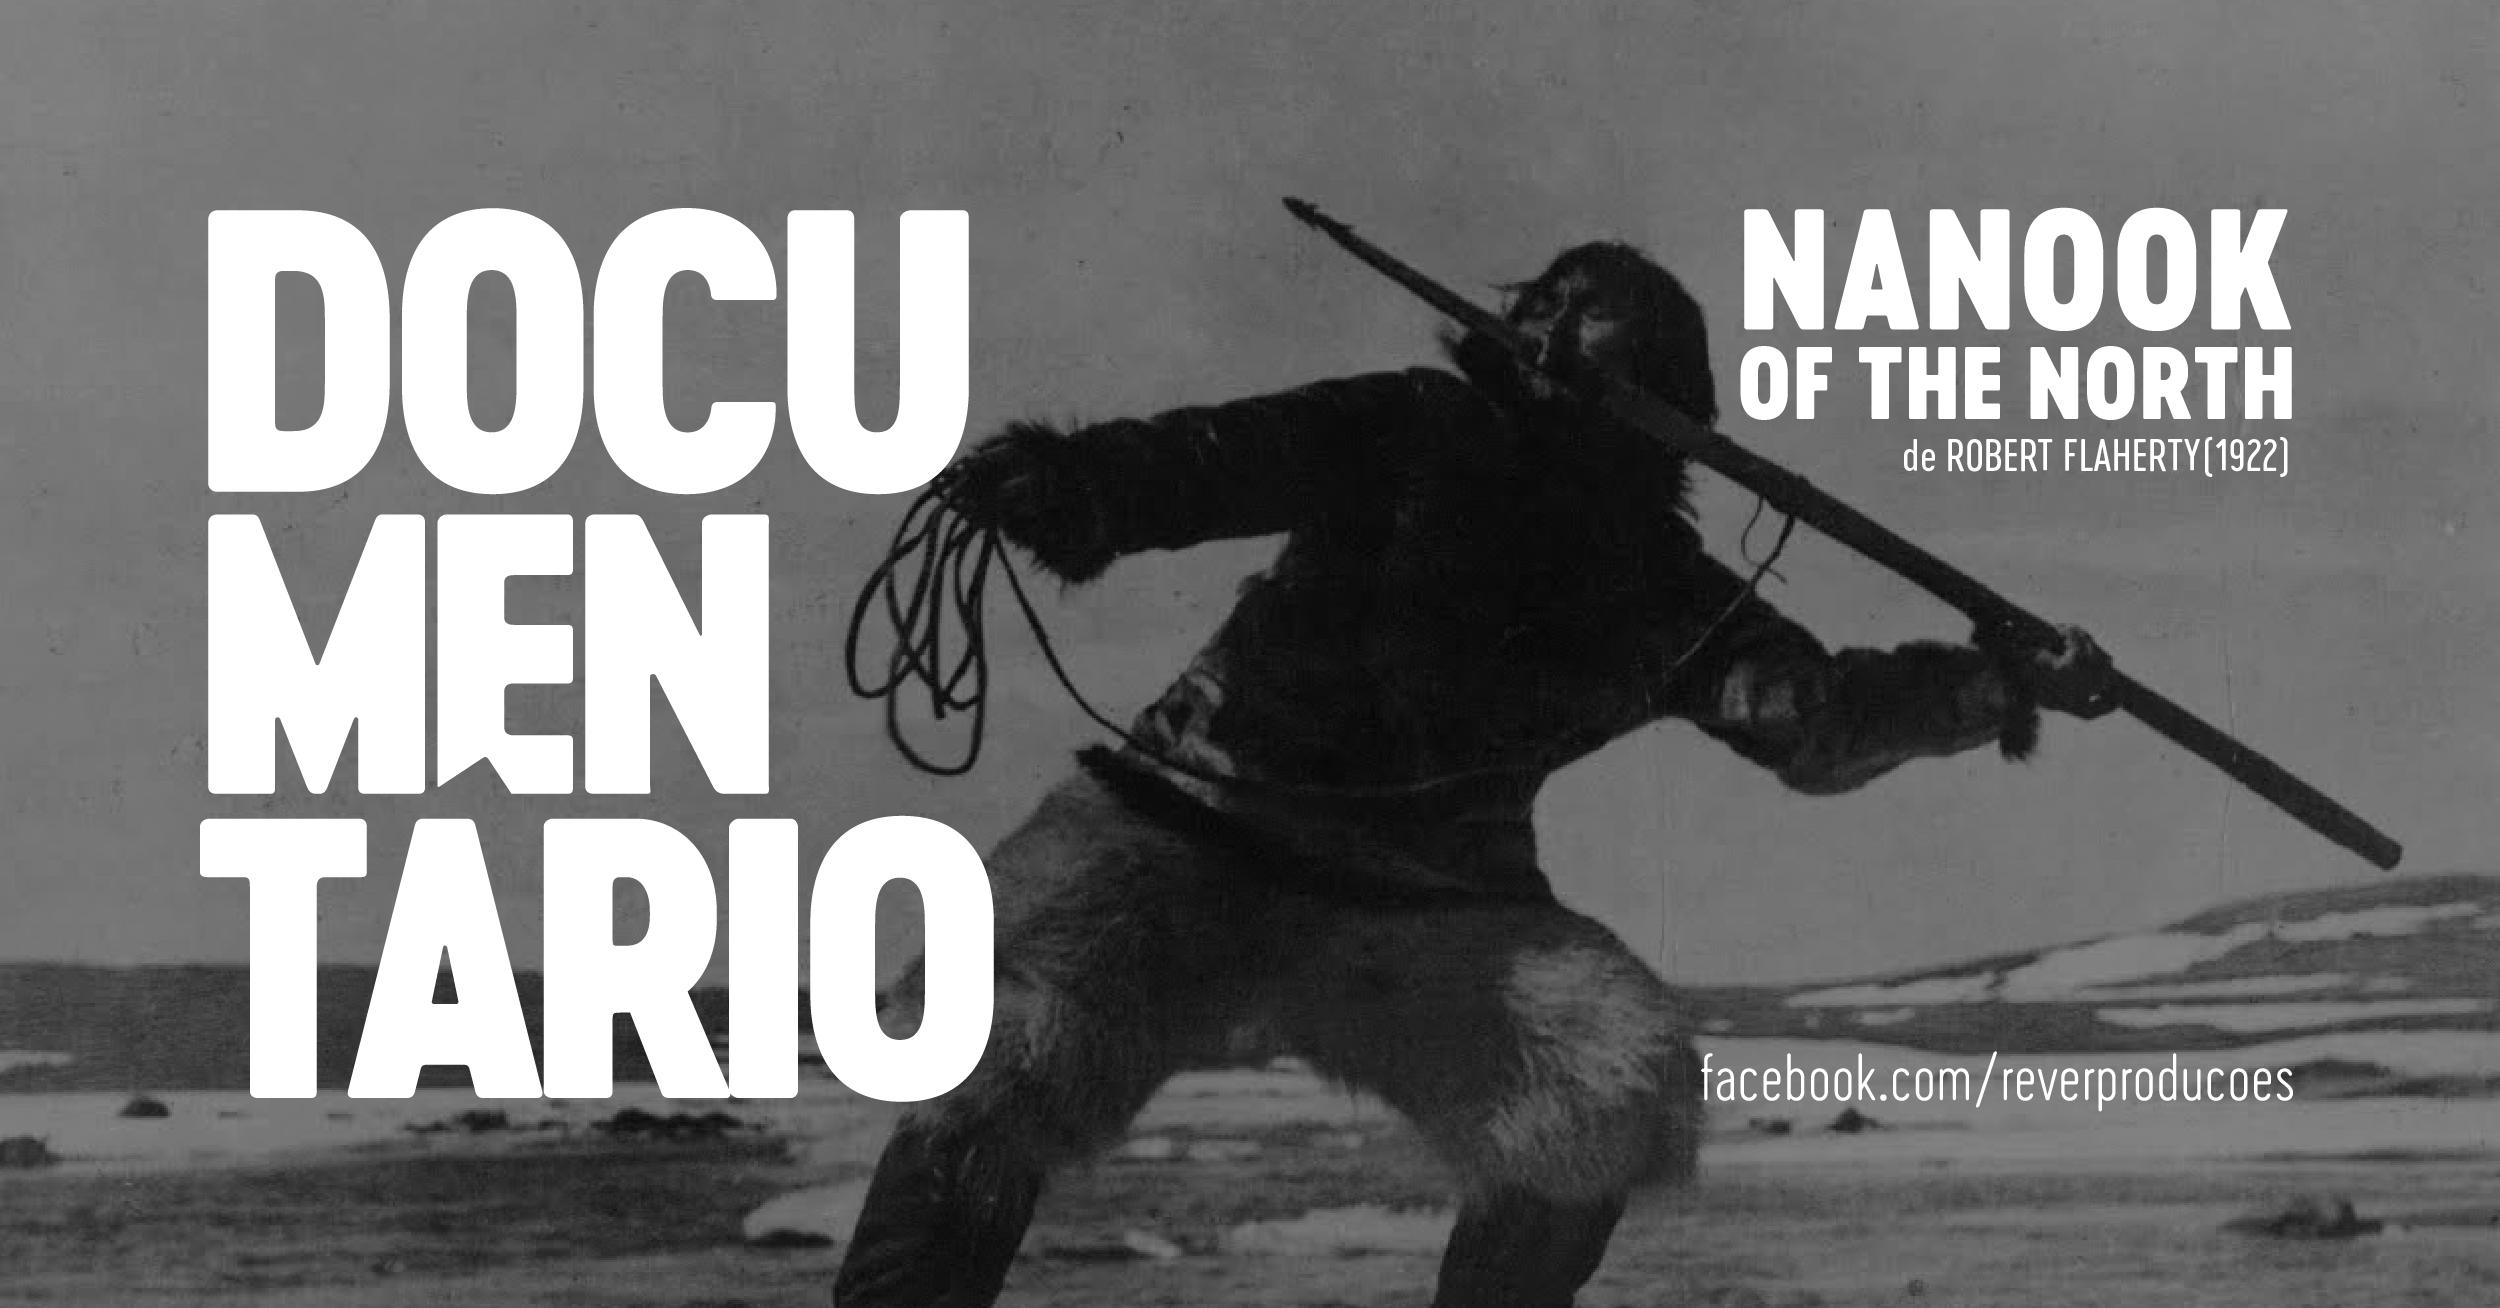 Nanook of the North - Rever Produções